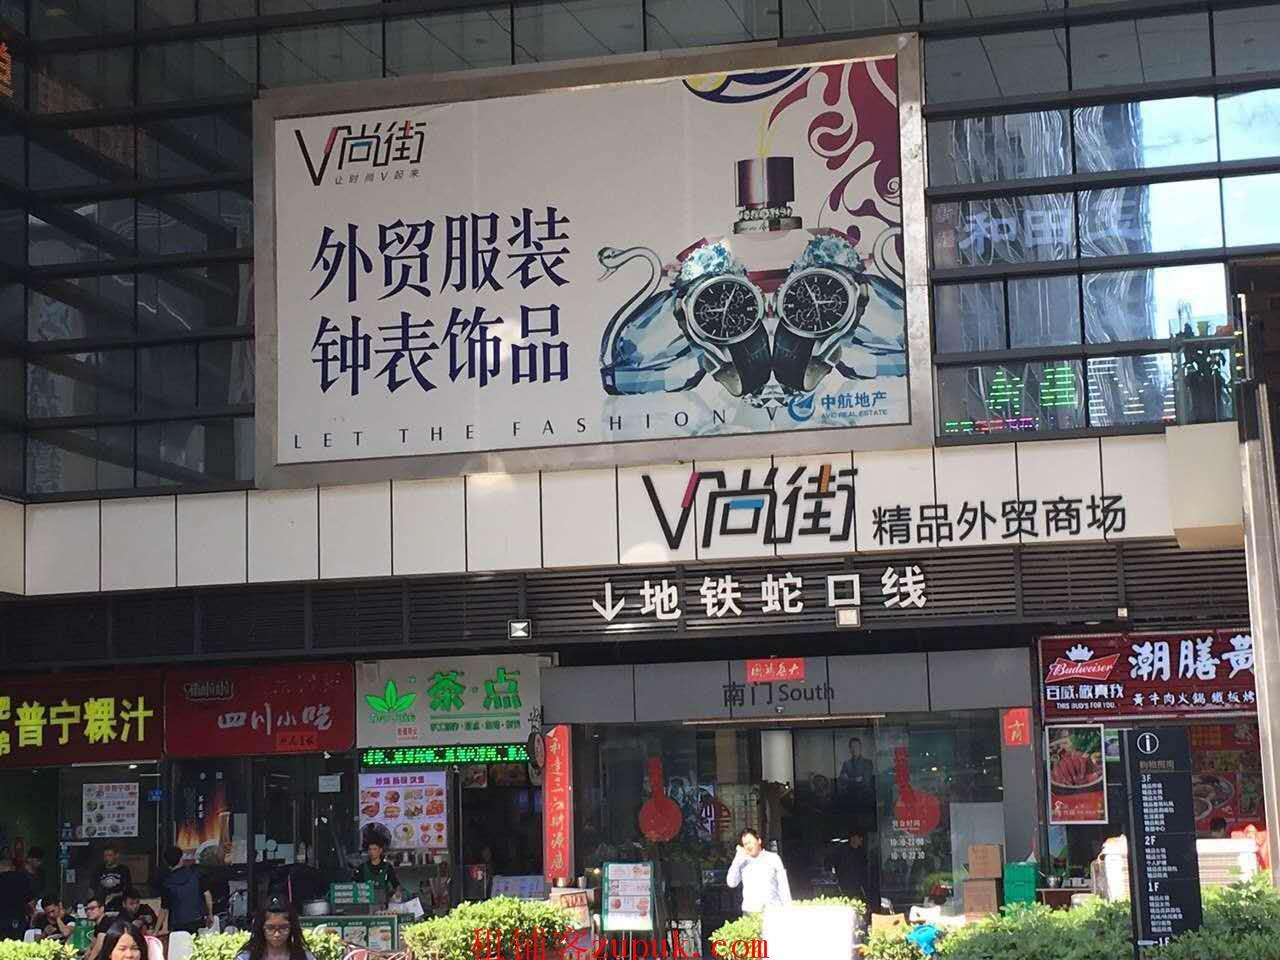 华强北地铁口V尚街商铺出租